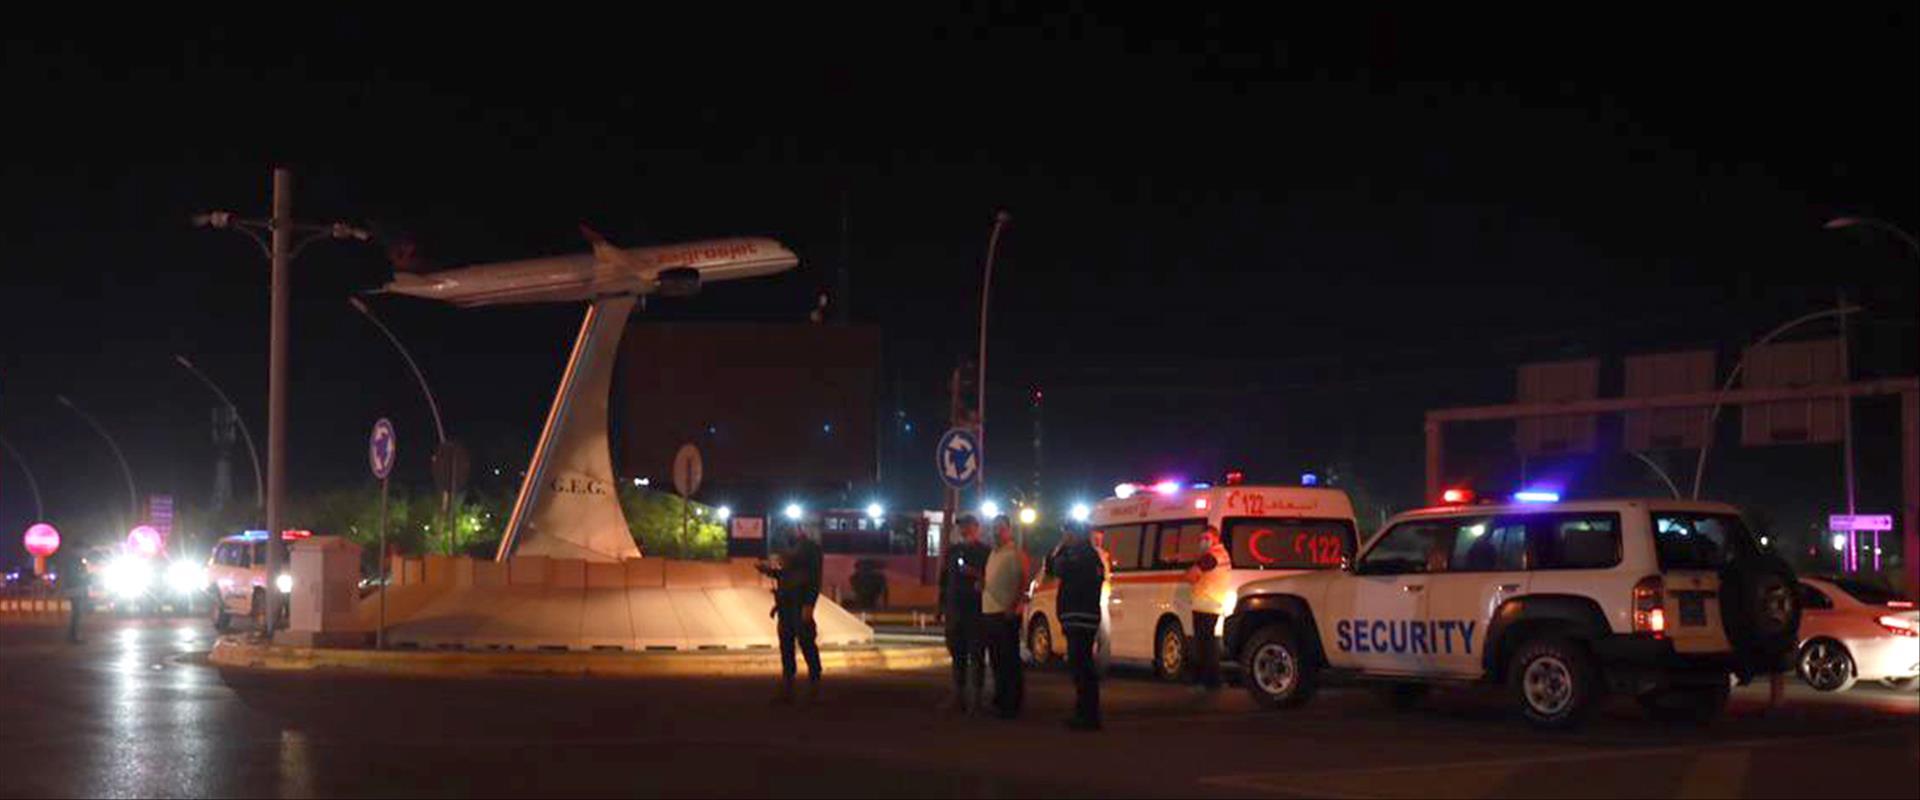 יעד התקיפה: נמל התעופה באיבריל, בחודש שעבר